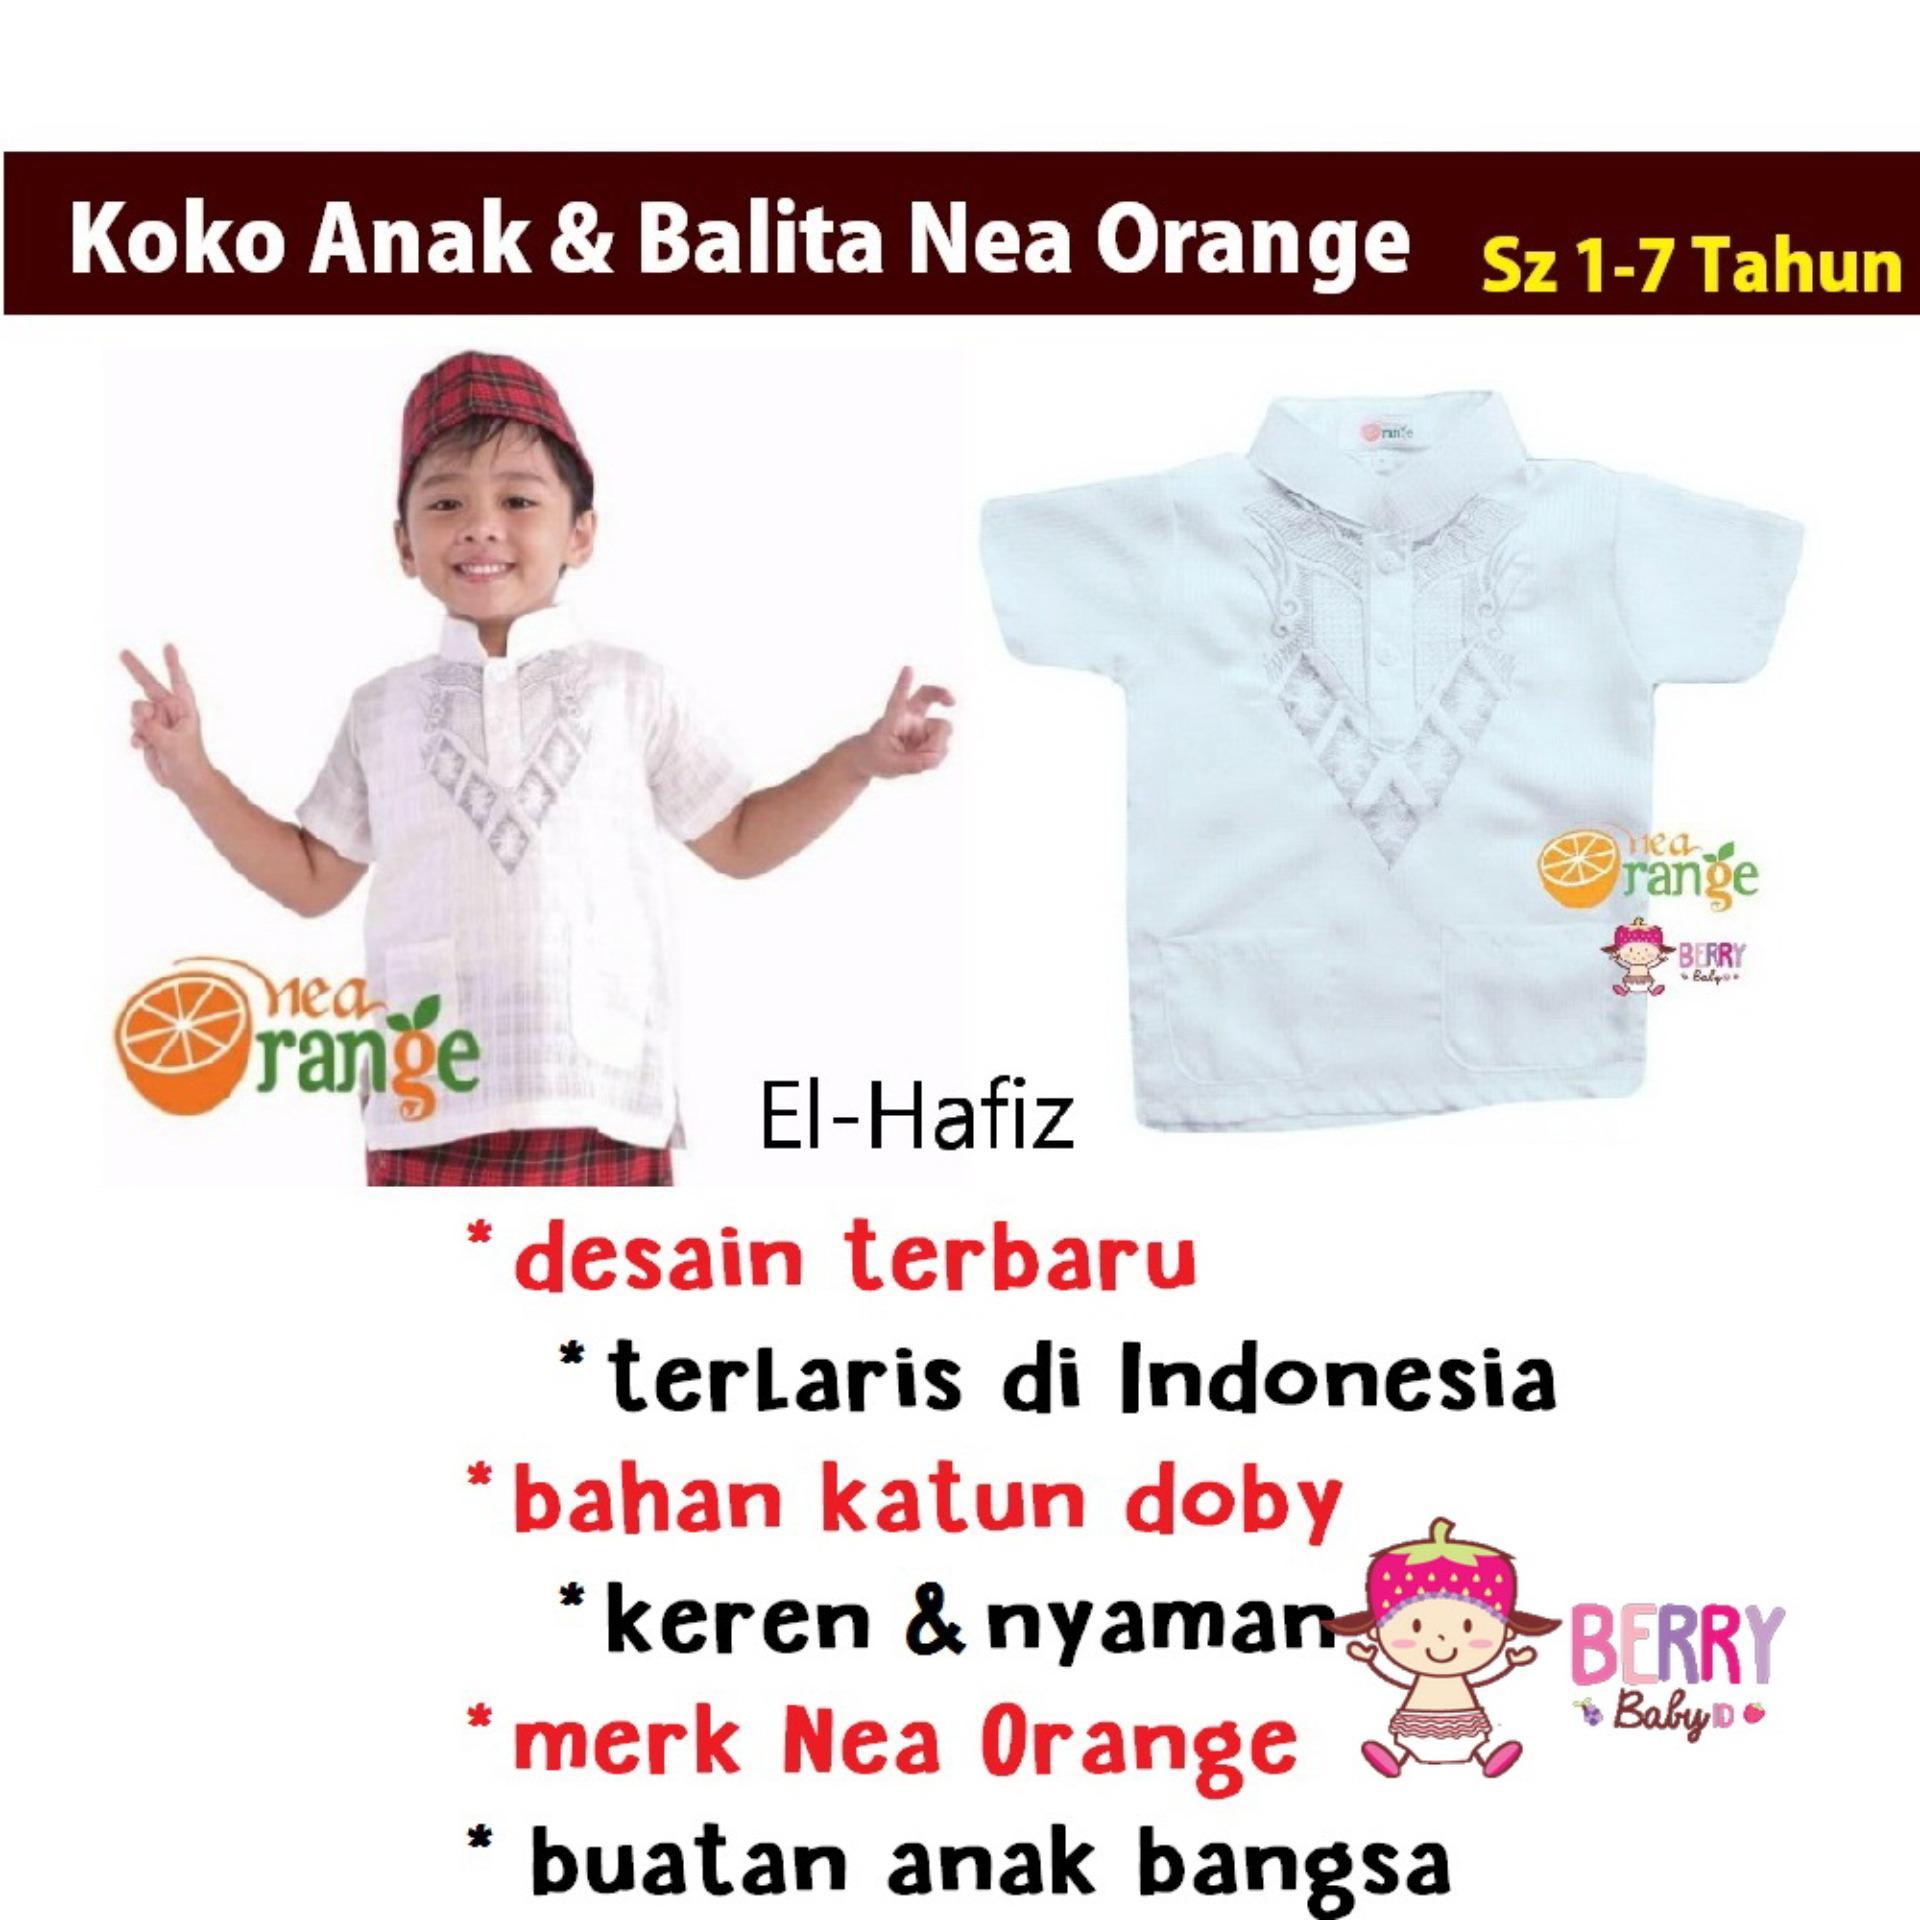 Nea Orange Baju Koko El Hafiz Anak & Balita Lebaran 2017